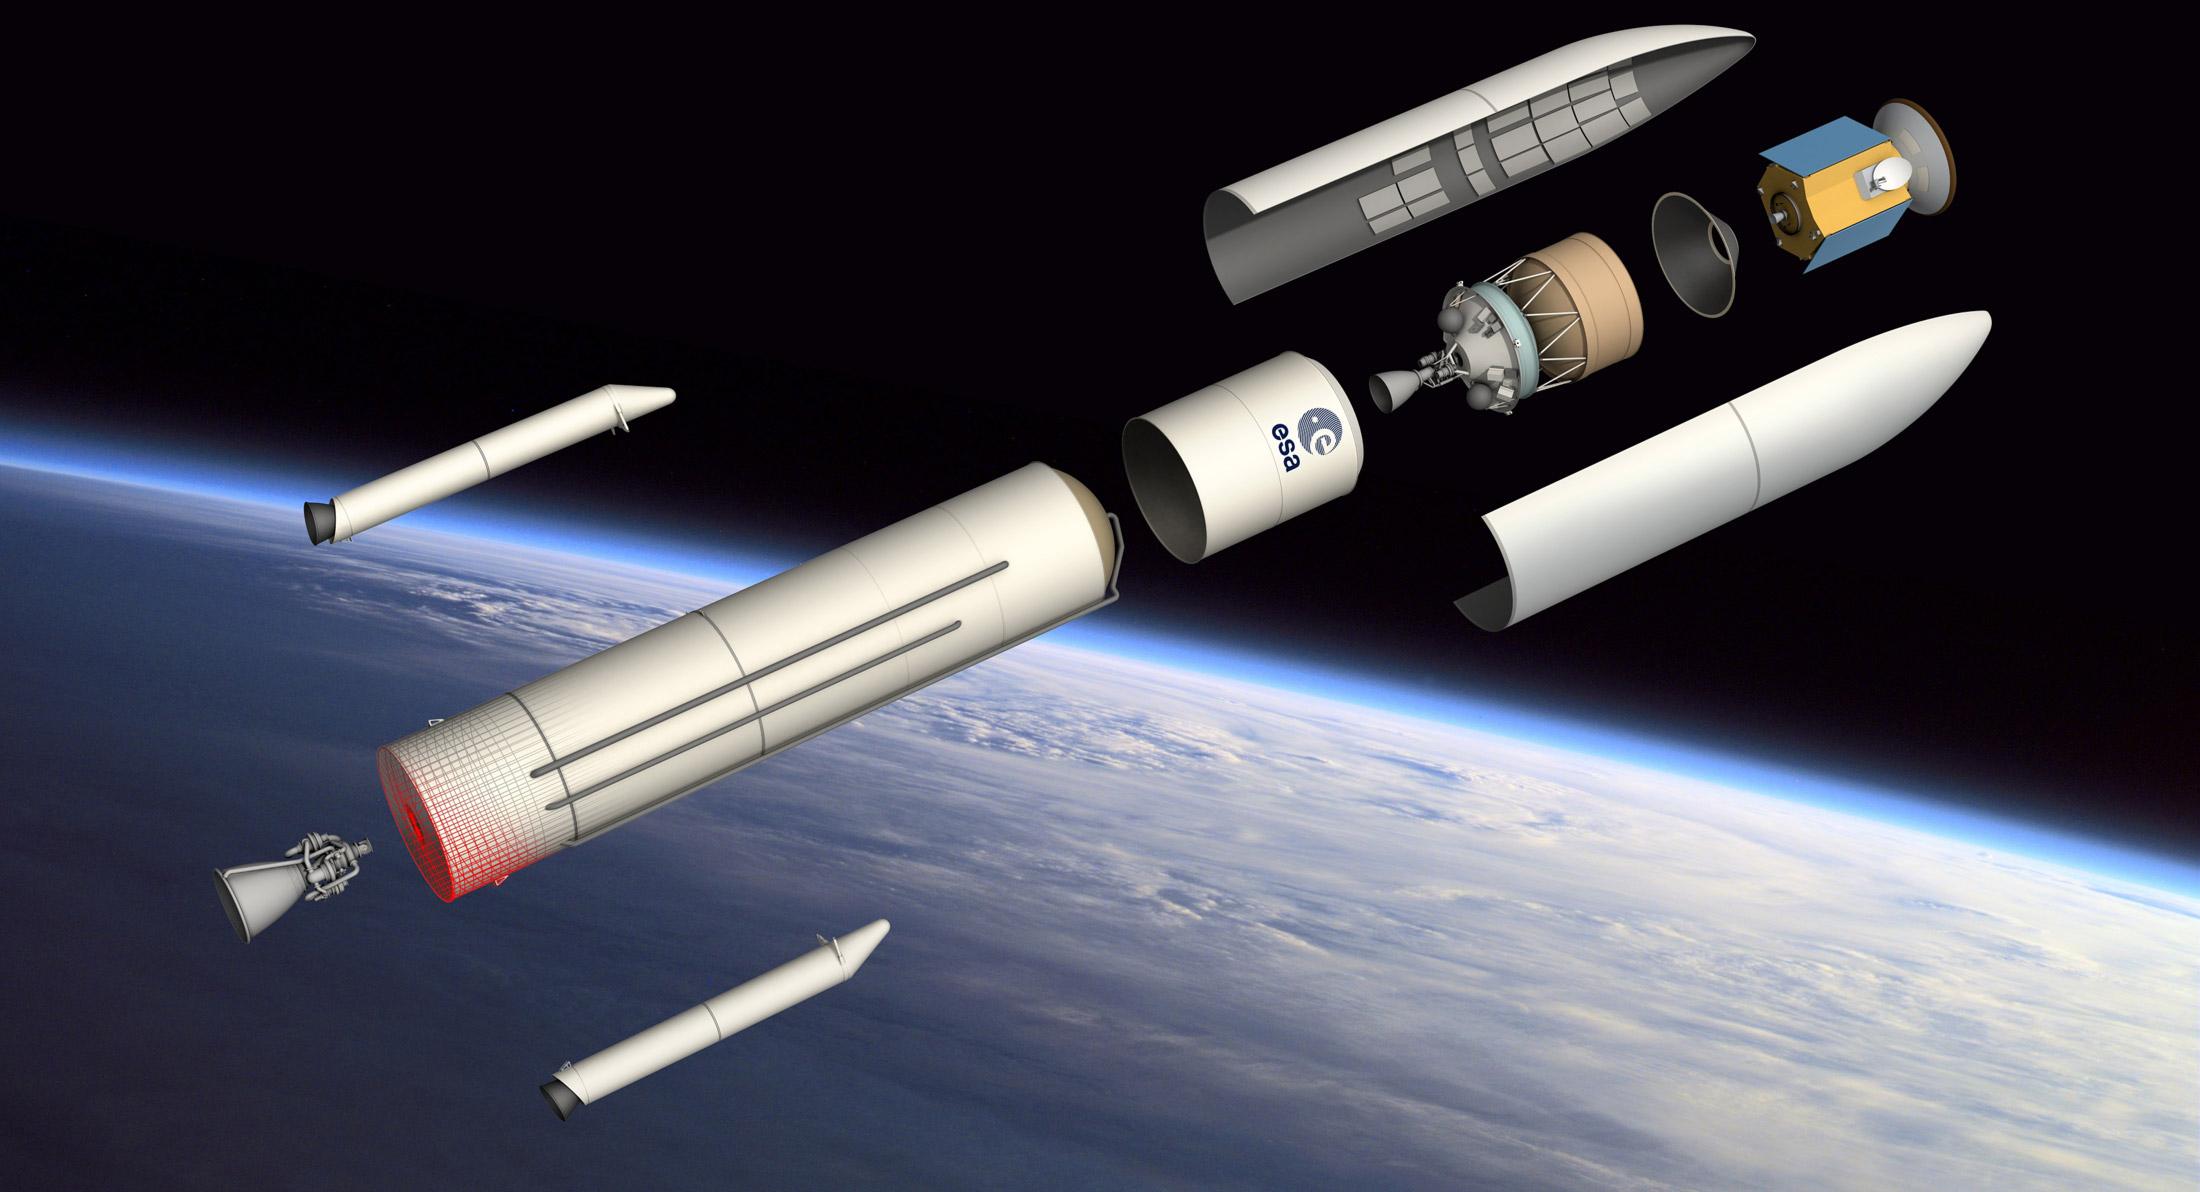 Les économies avant la technologie pour Ariane 6